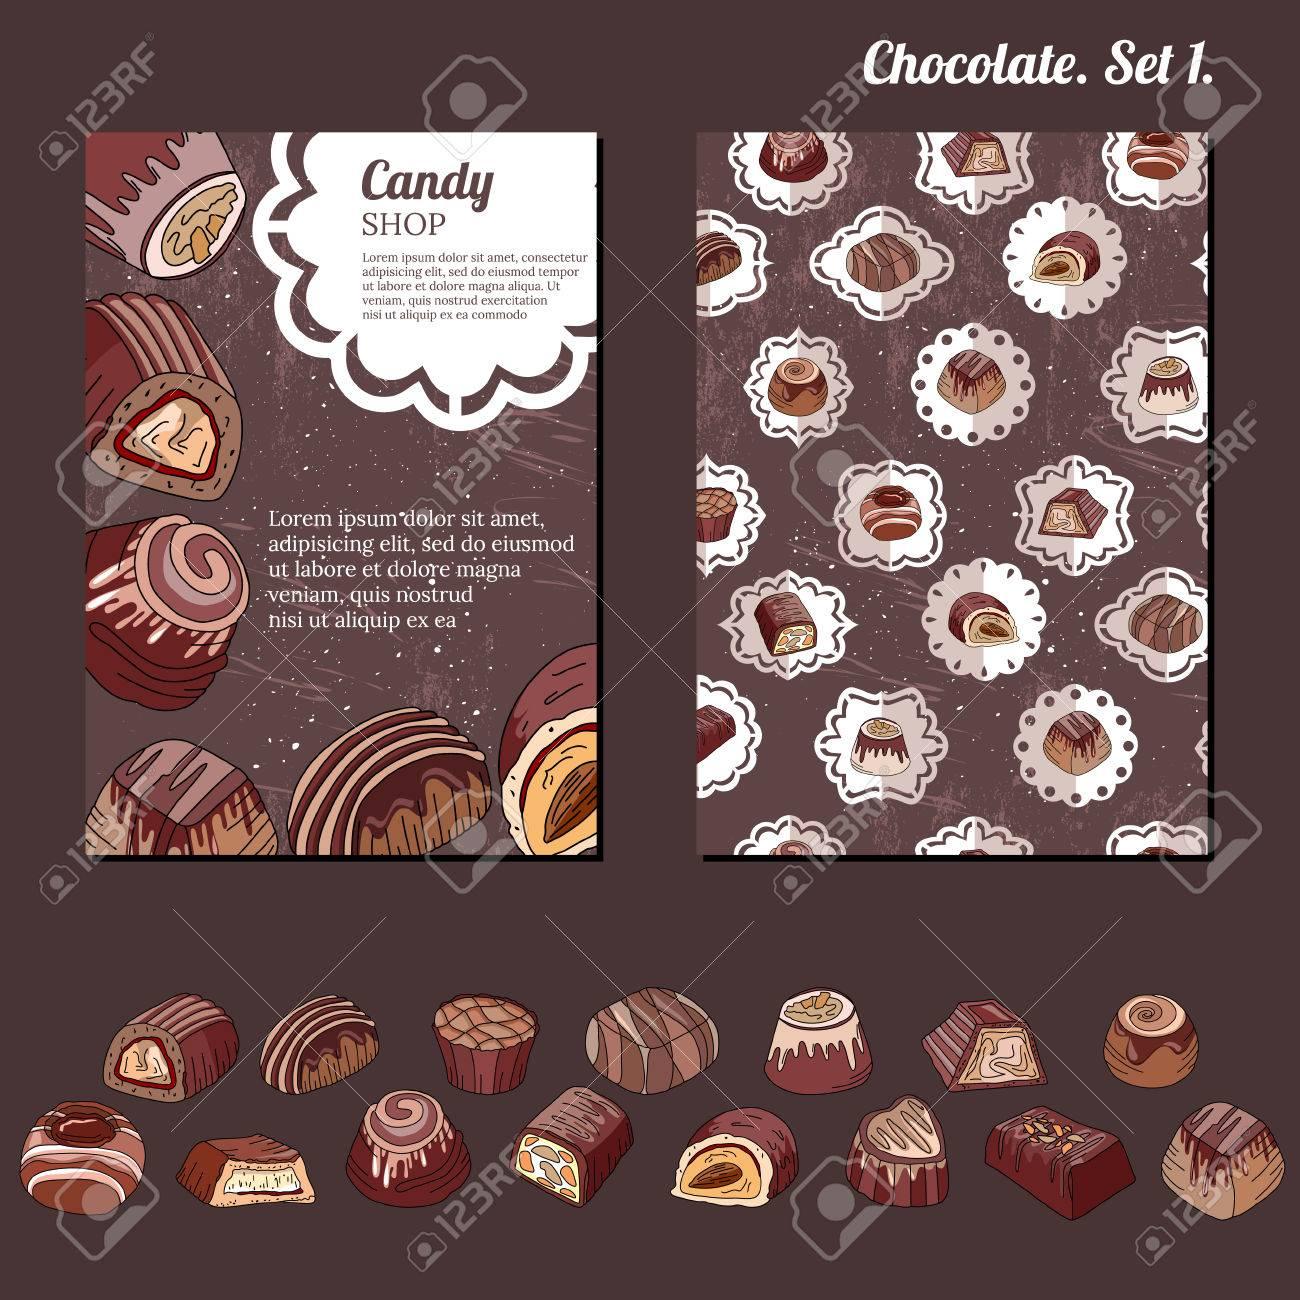 Plantilla Con Diferentes Tipos De Dulces De Chocolate - Leche ...